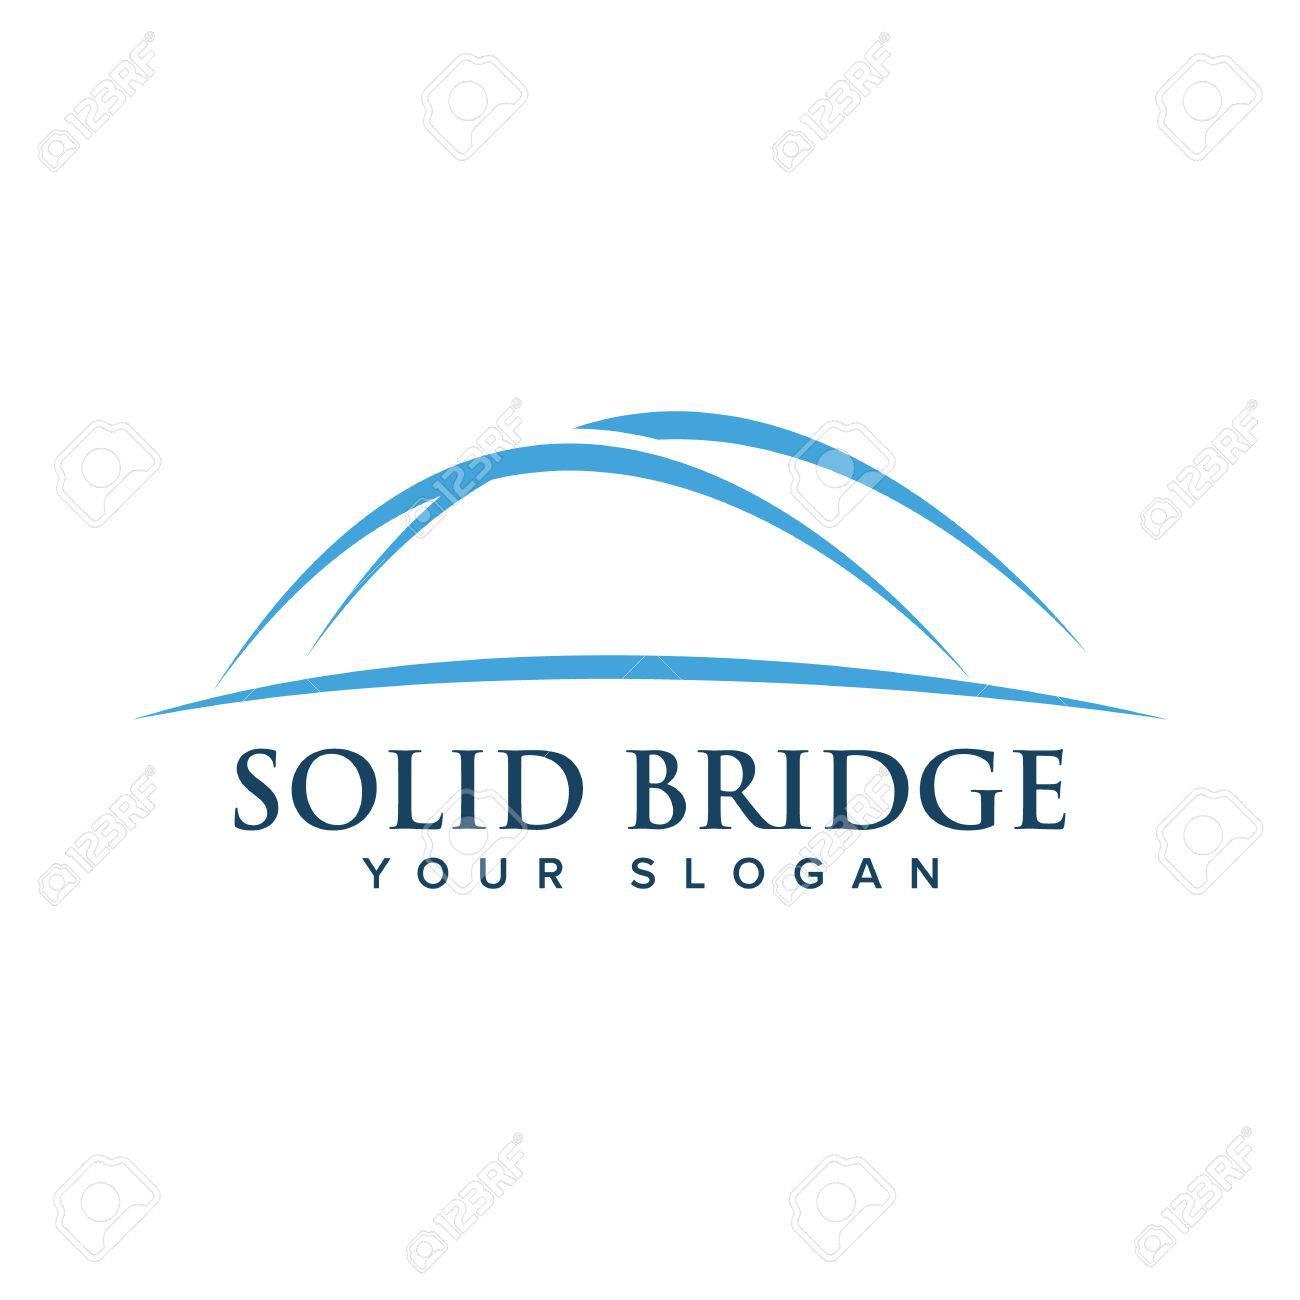 Bridge Logo Design Element - 70779060